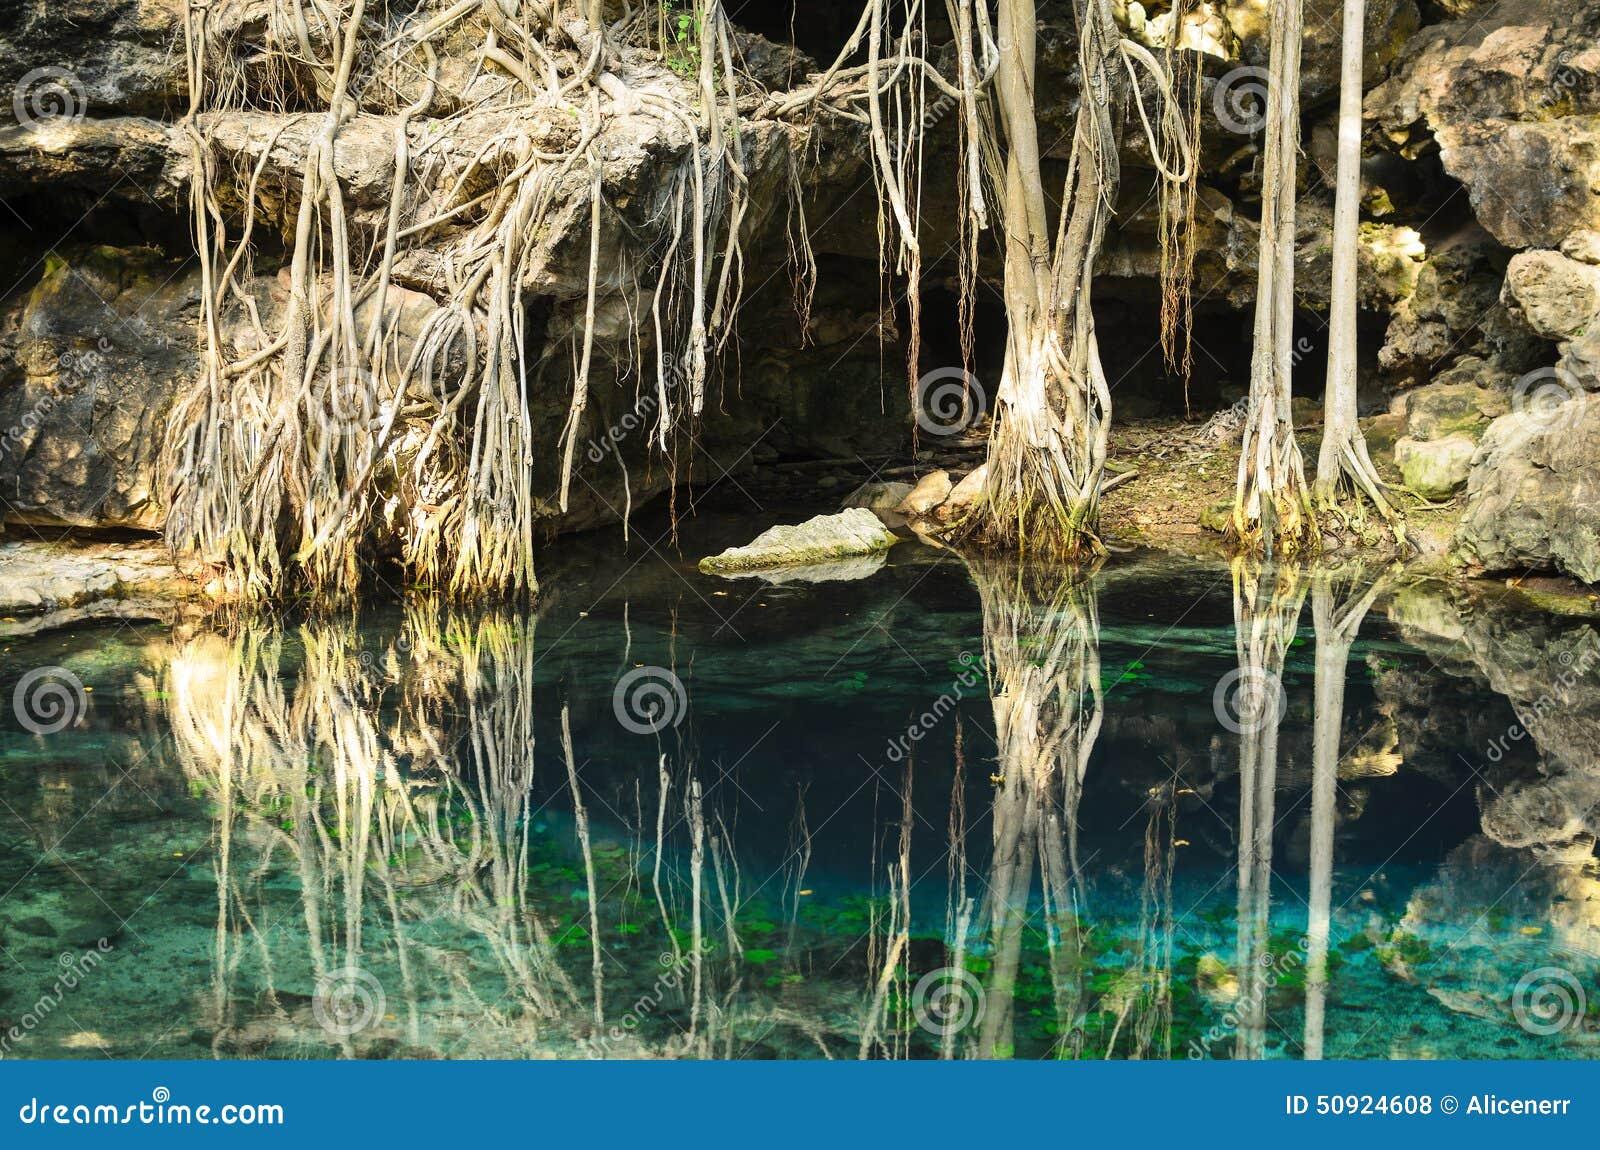 X-Batun Cenote - turquoise X Batun